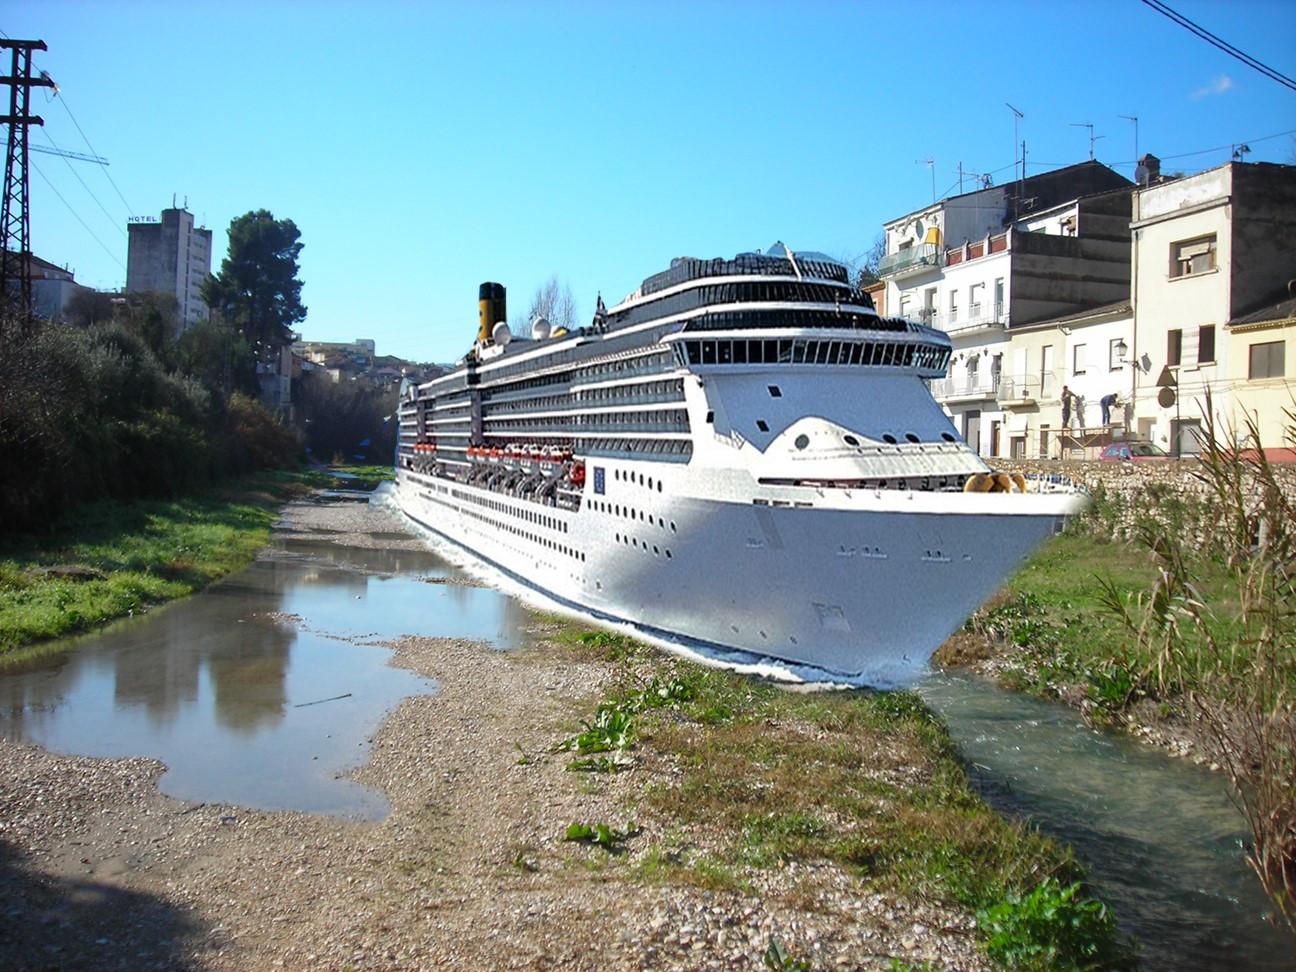 El proyecto de traer cruceros al Puerto de la Cantereria, gana el Ontinyent Participa El Periòdic d'Ontinyent